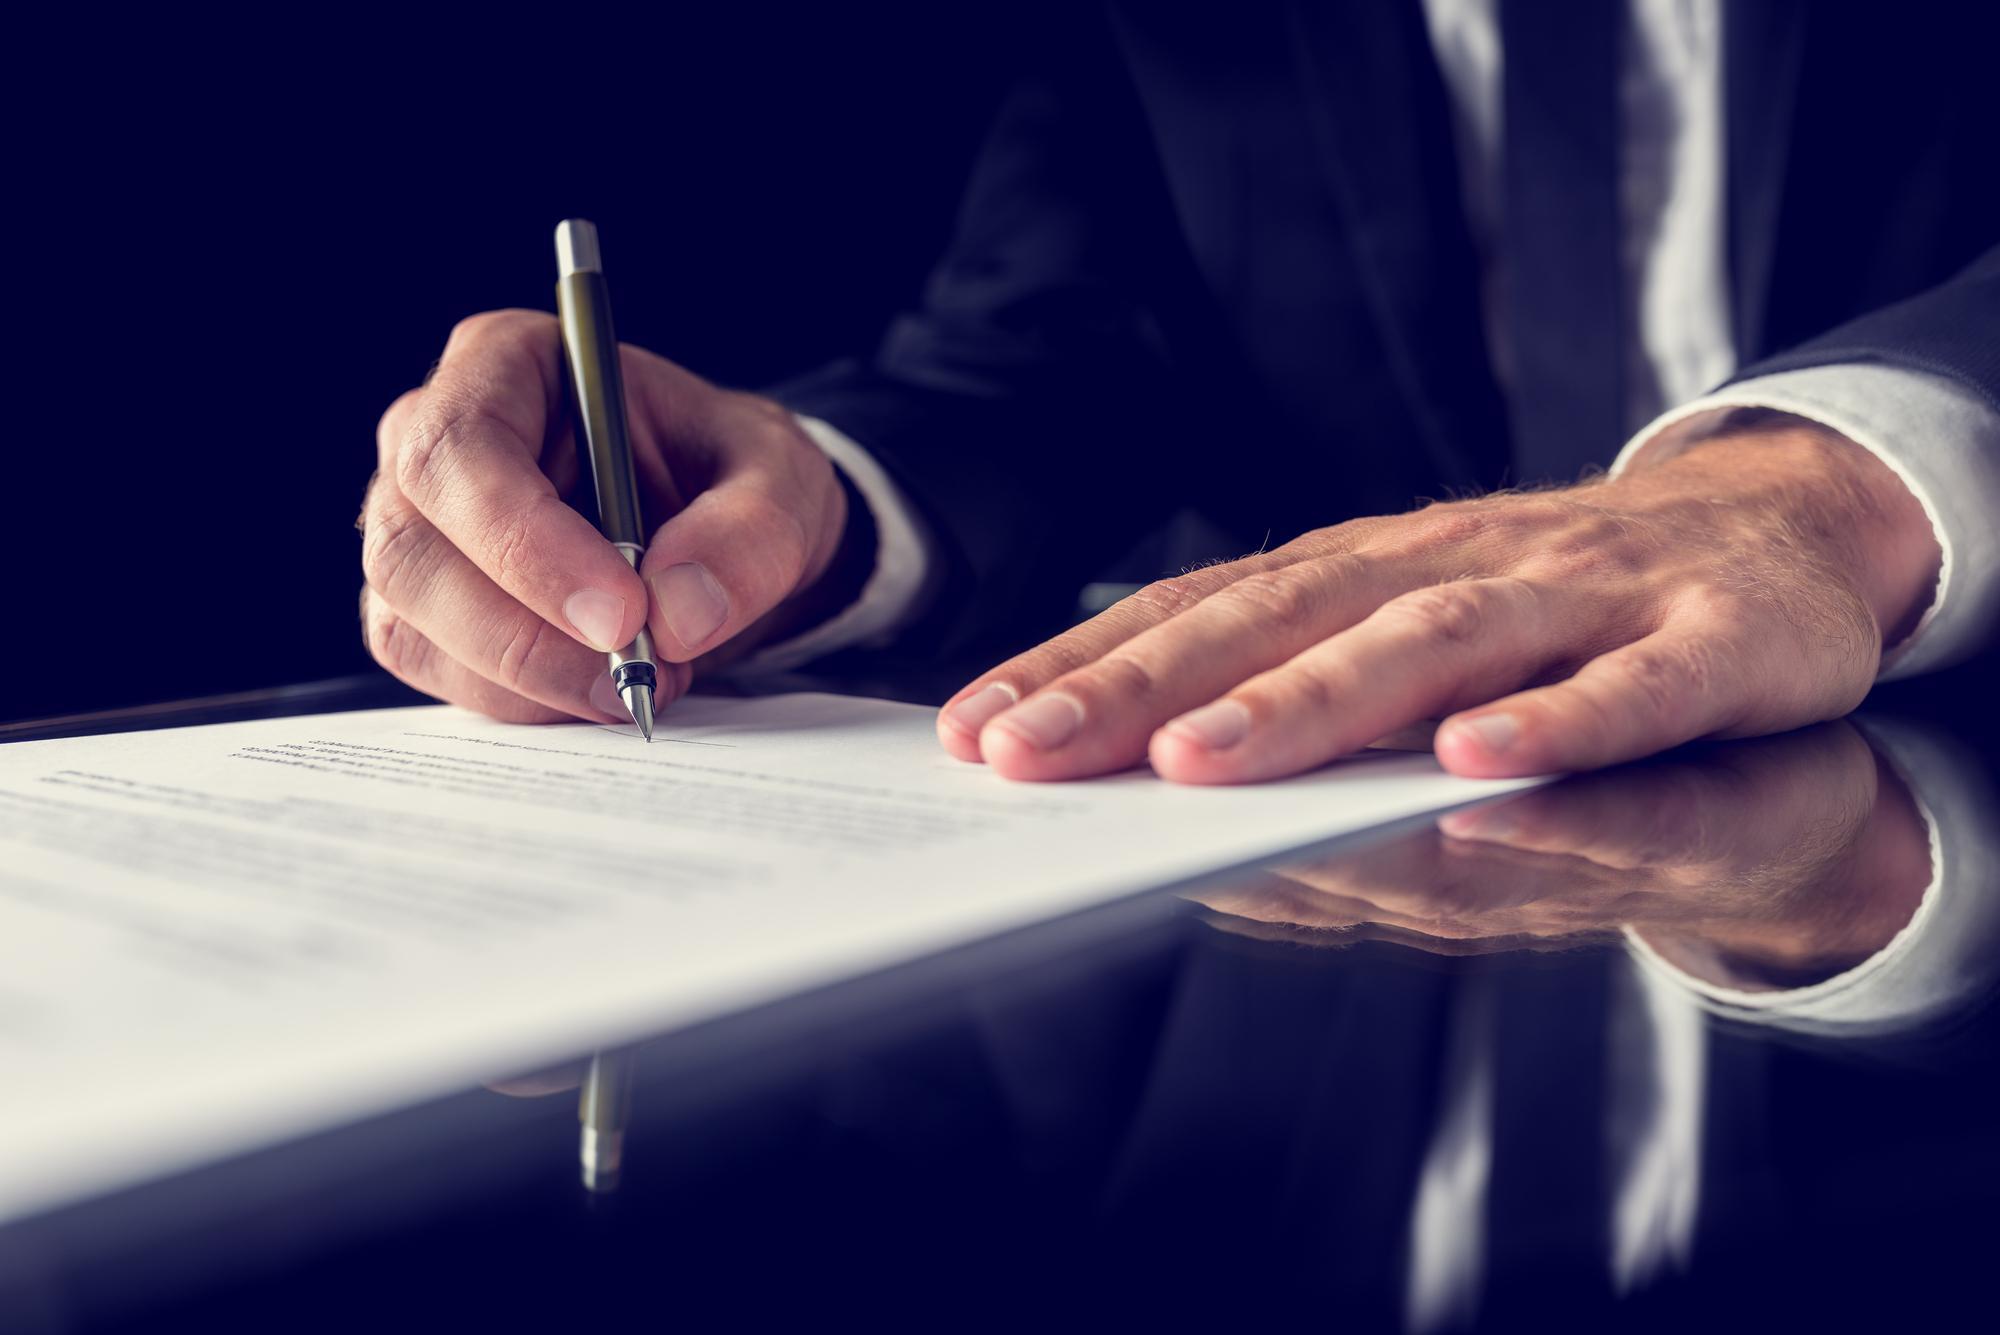 Obtaining regulatory permits